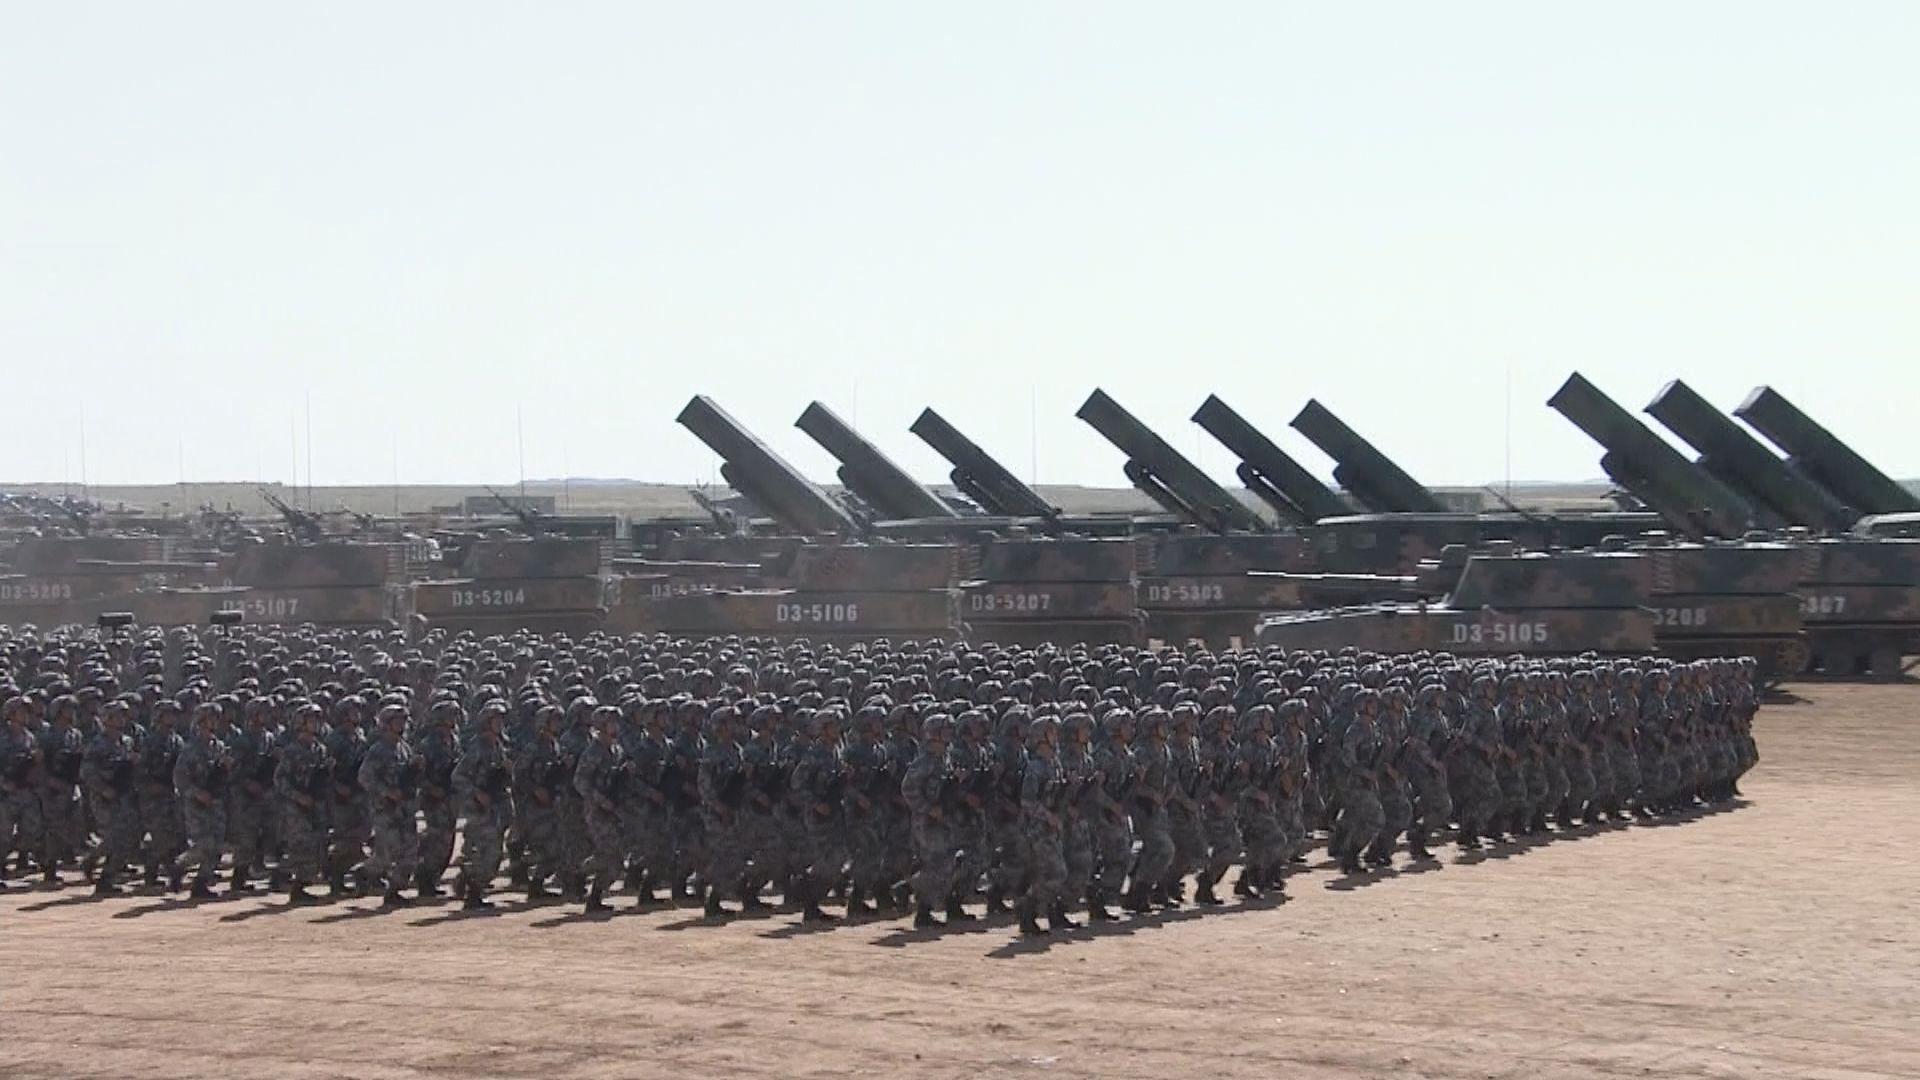 中國軍費今年增長6.8% 用途包括加快武器裝備升級